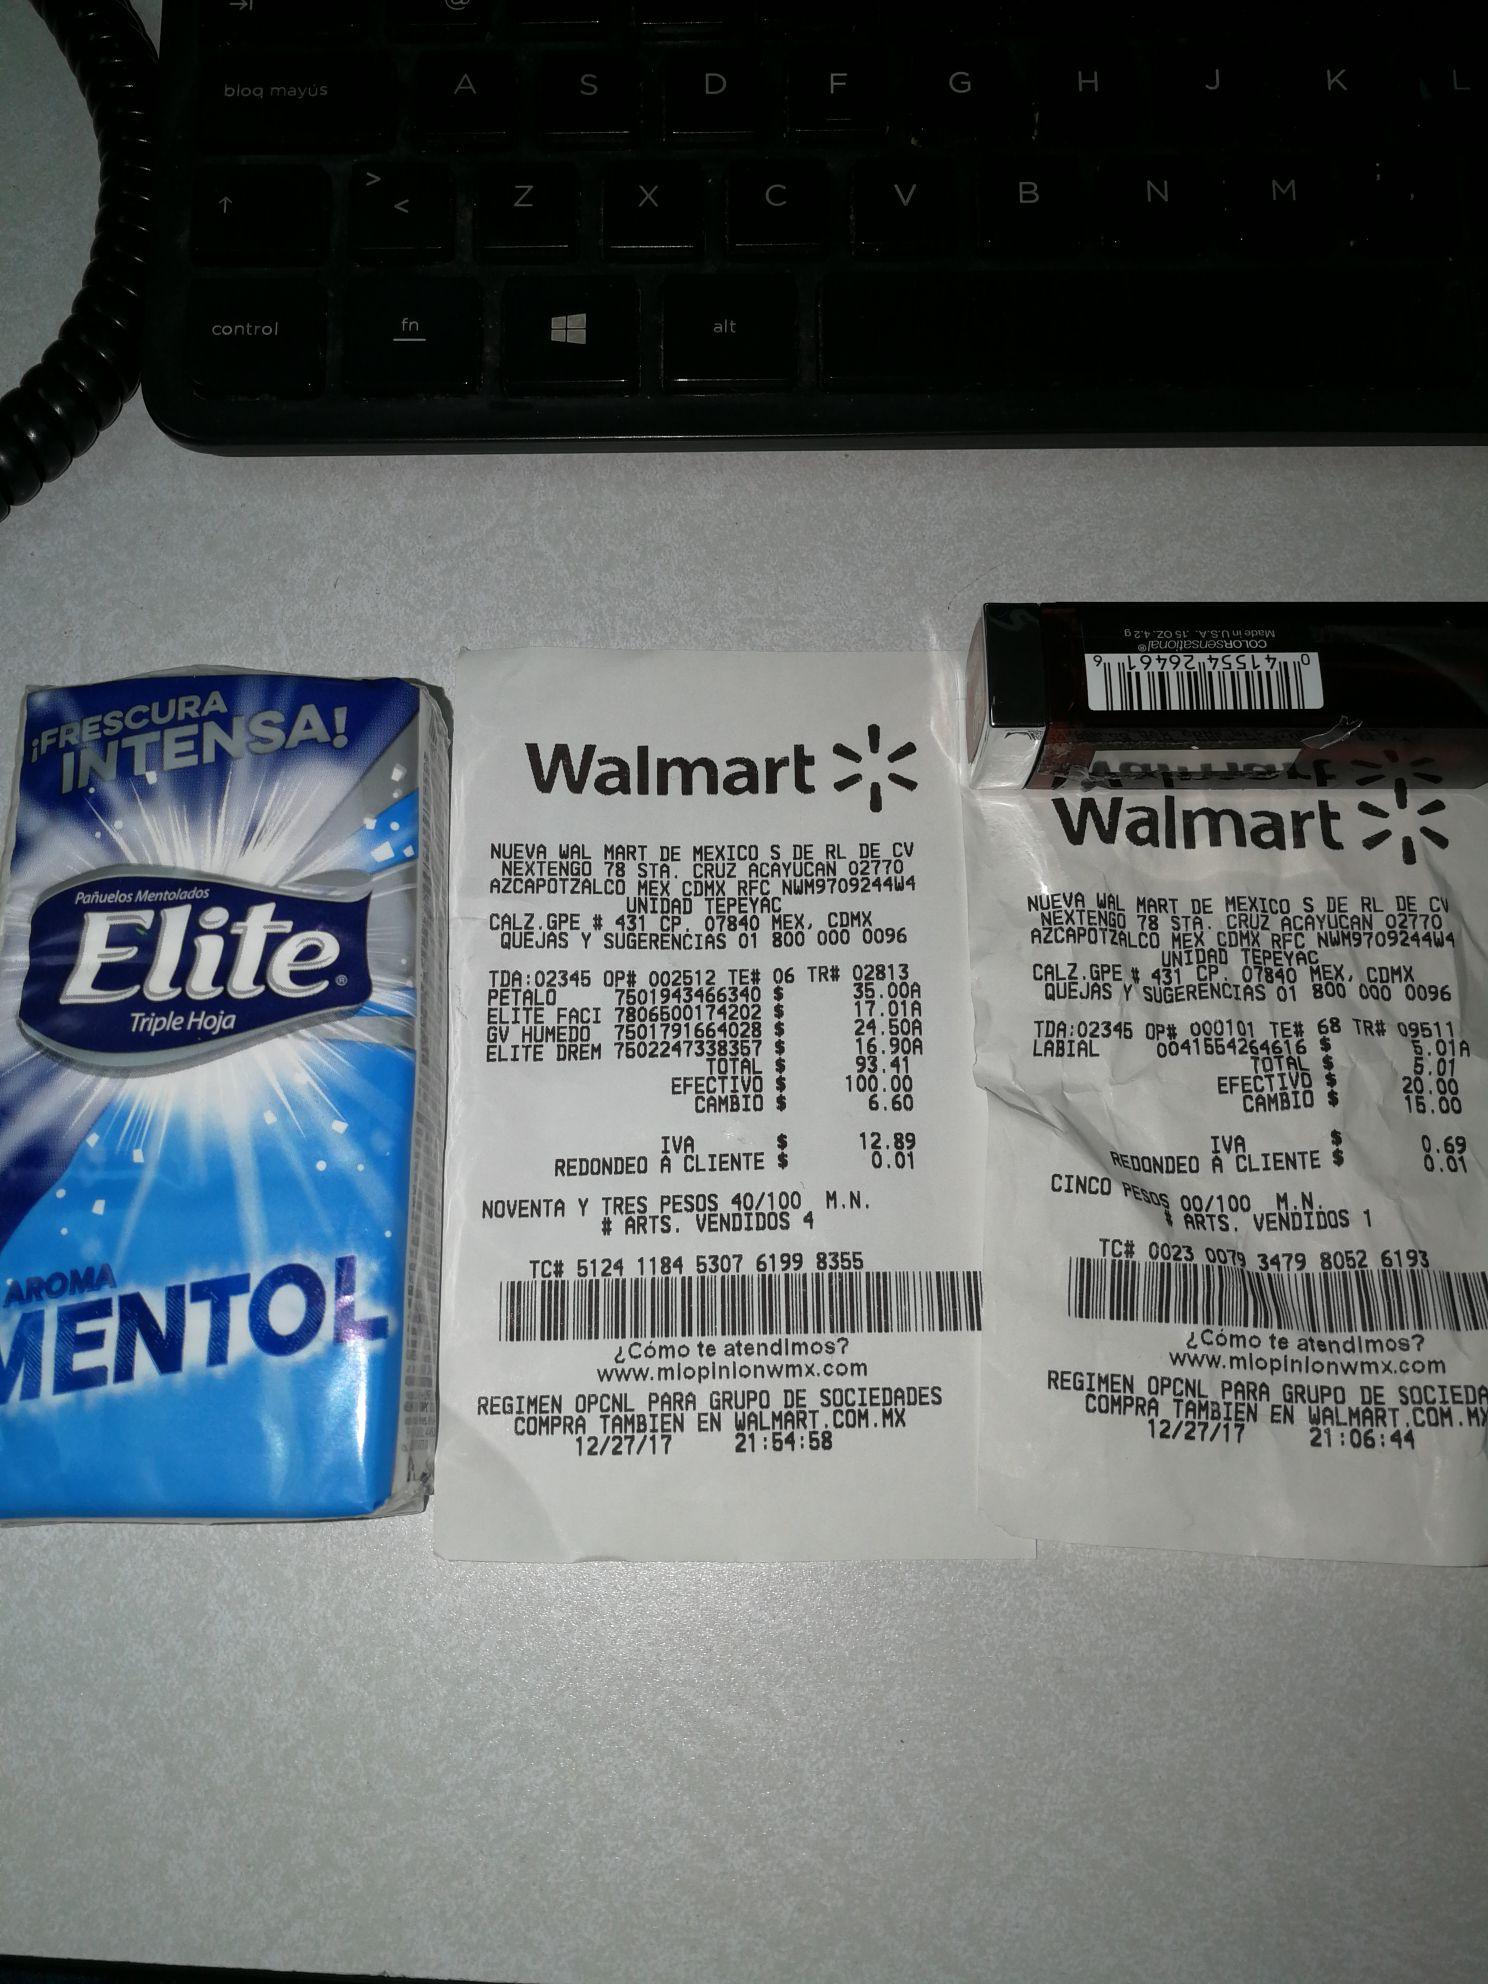 Walmart: Pañuelos con mentol y casi promonovela